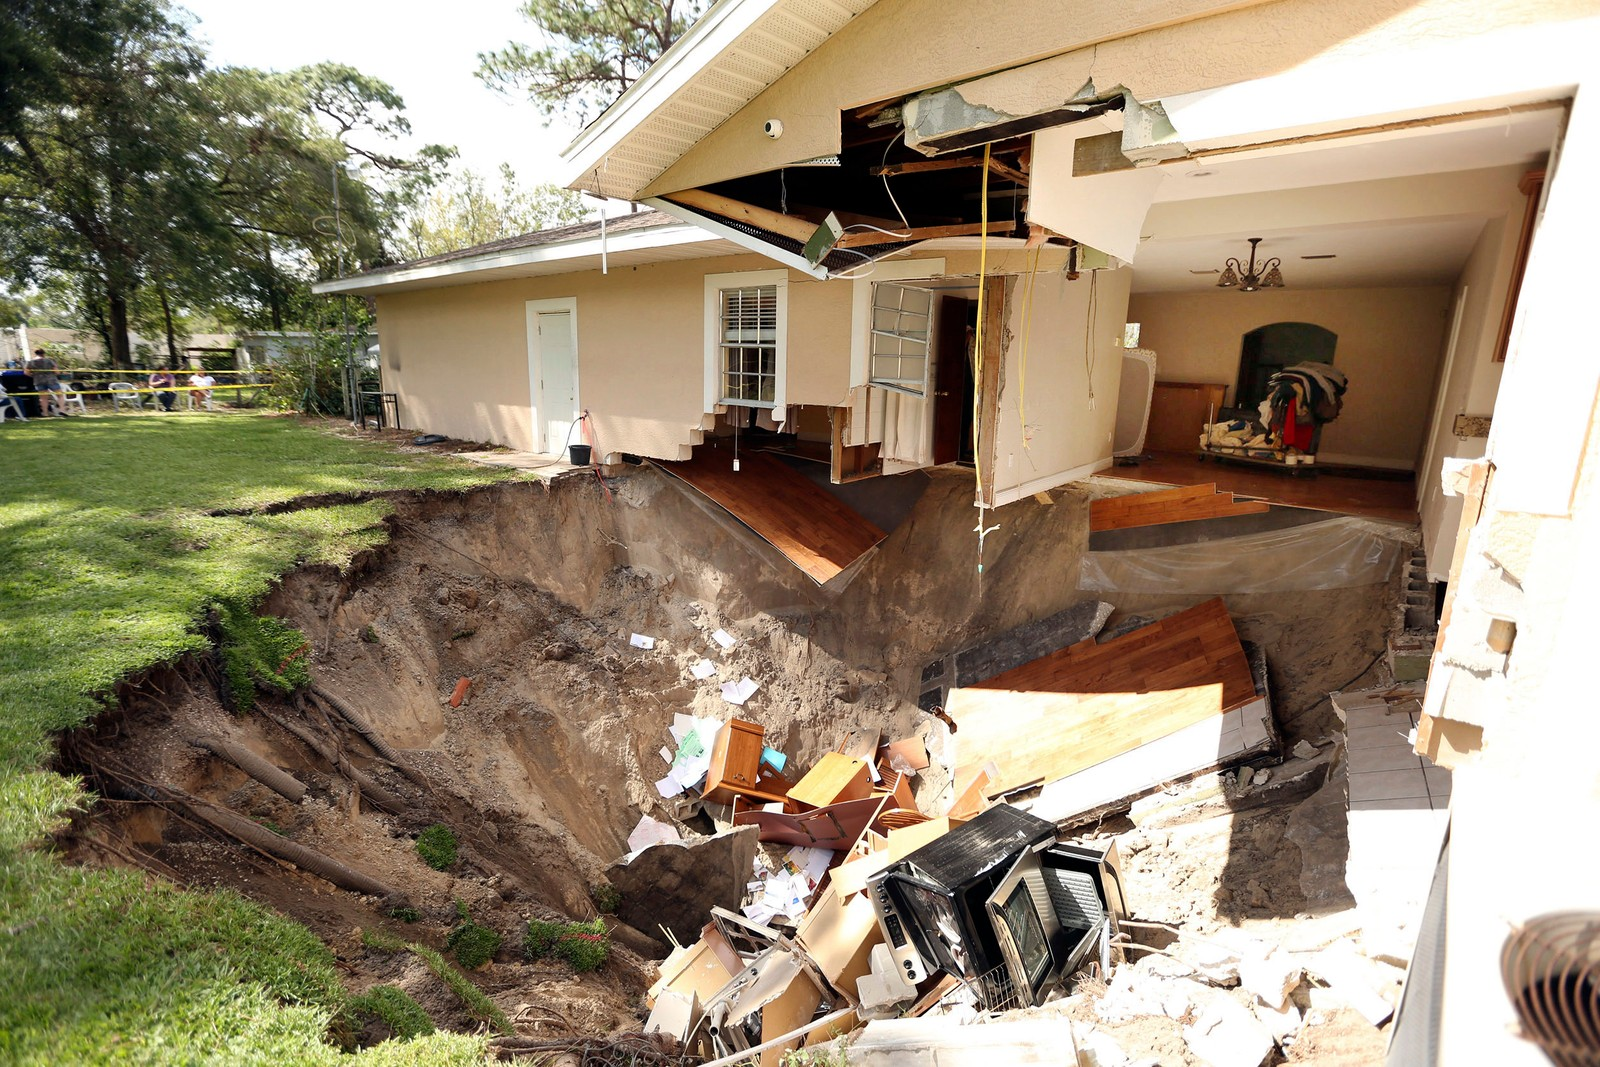 Det blir antakelig en del take-away-middager på familien som bor i dette huset, etter at et synkehull tok med seg blant annet kjøkkenet. Ingen ble skada, rapporterte brannvesenet i Apopka, Florida.